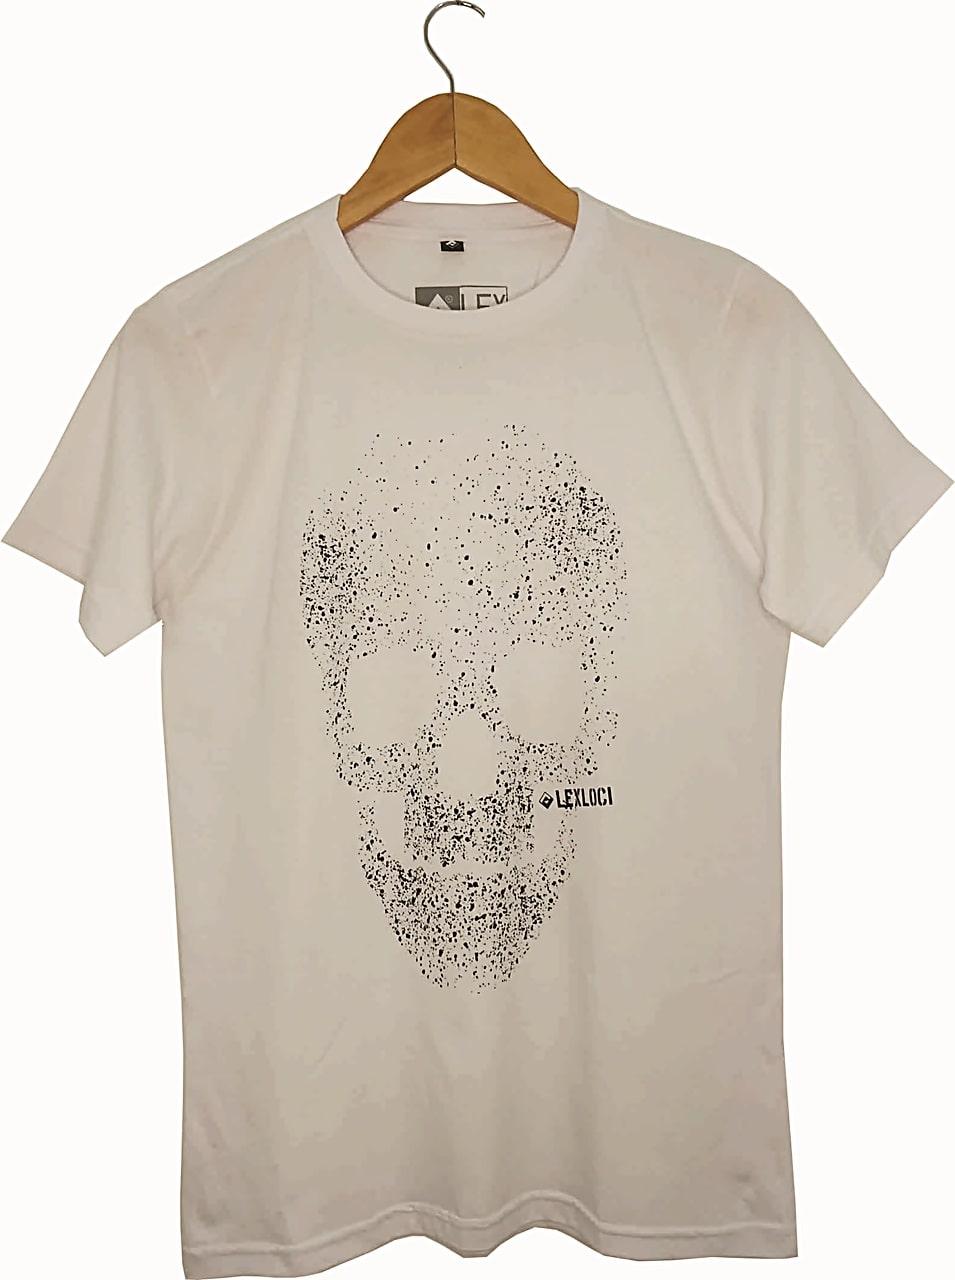 Camiseta Lexloci Skull